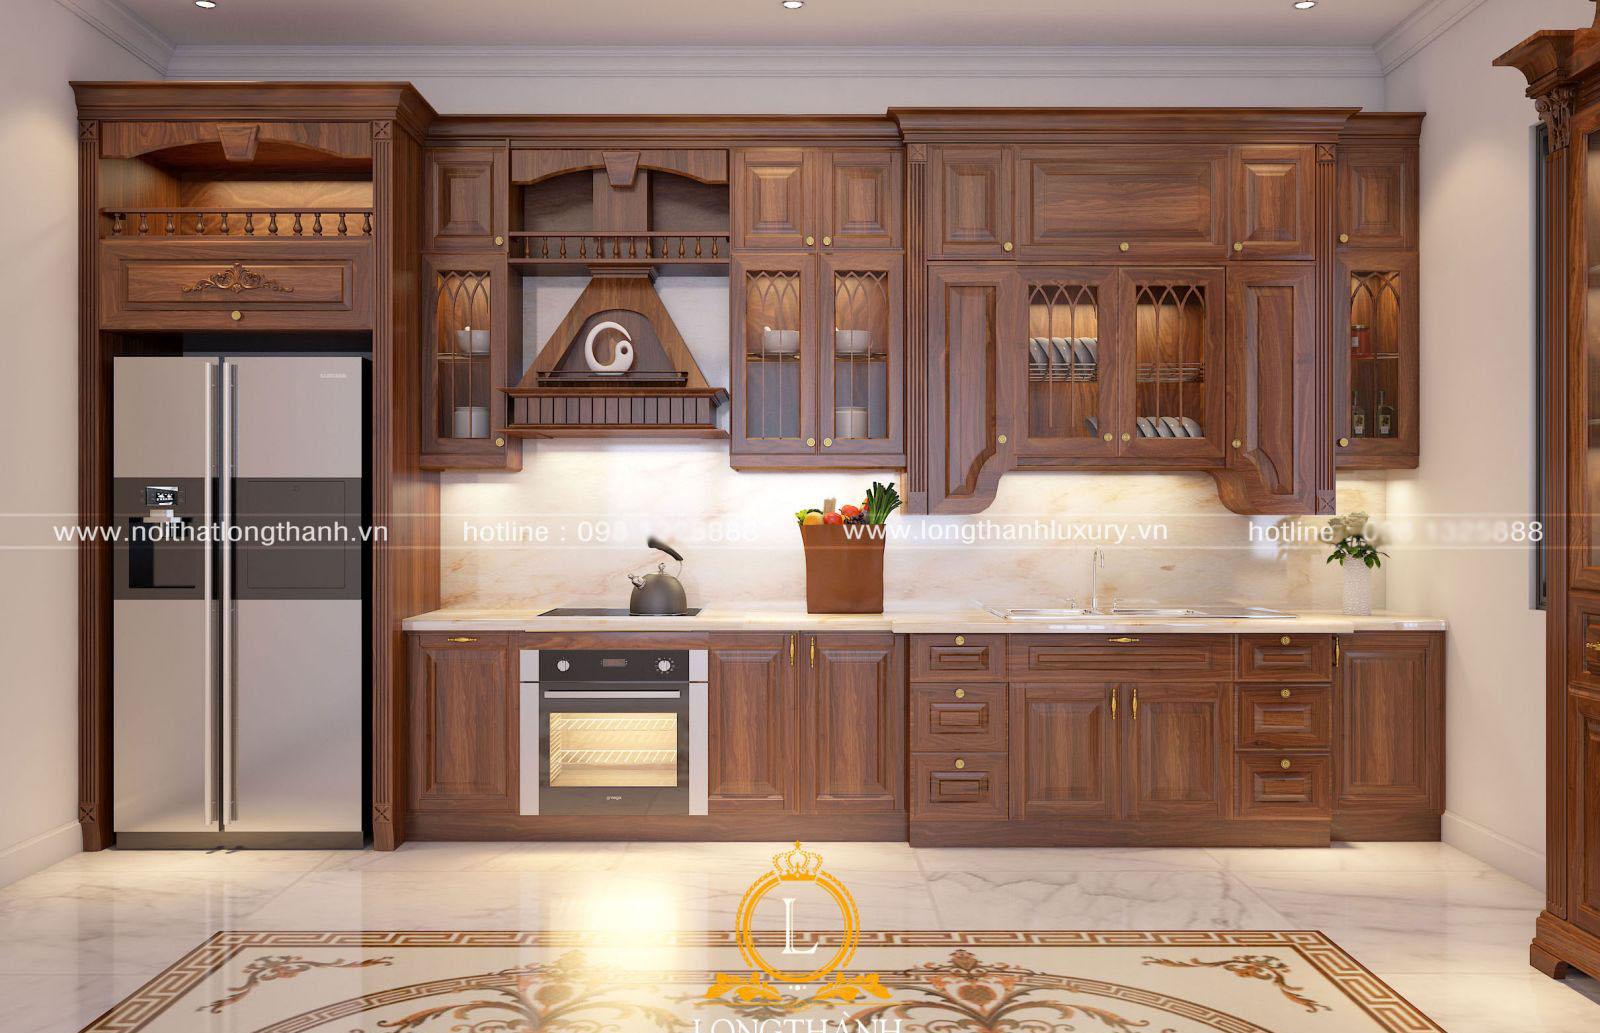 Mẫu tủ bếp hình chữ I hiện đại cho không gian nhà biệt thự liền kề